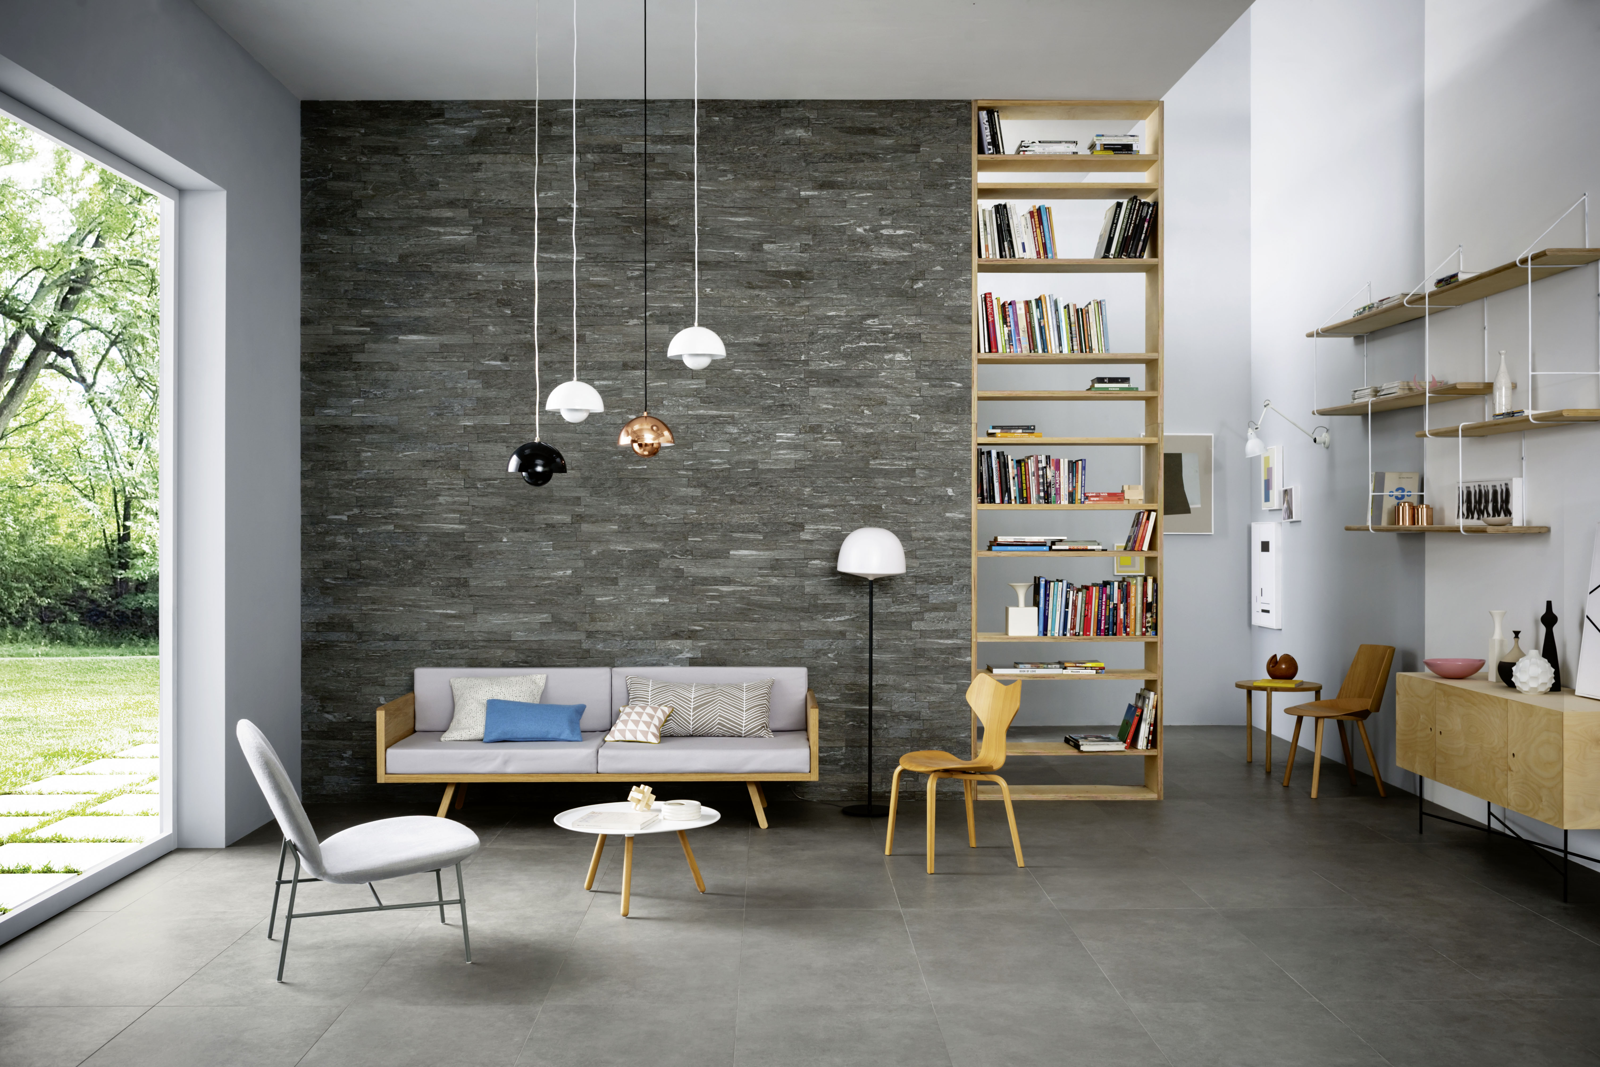 Paredes en piedras para interiores minimal marazzi - Paredes de piedra para interiores ...